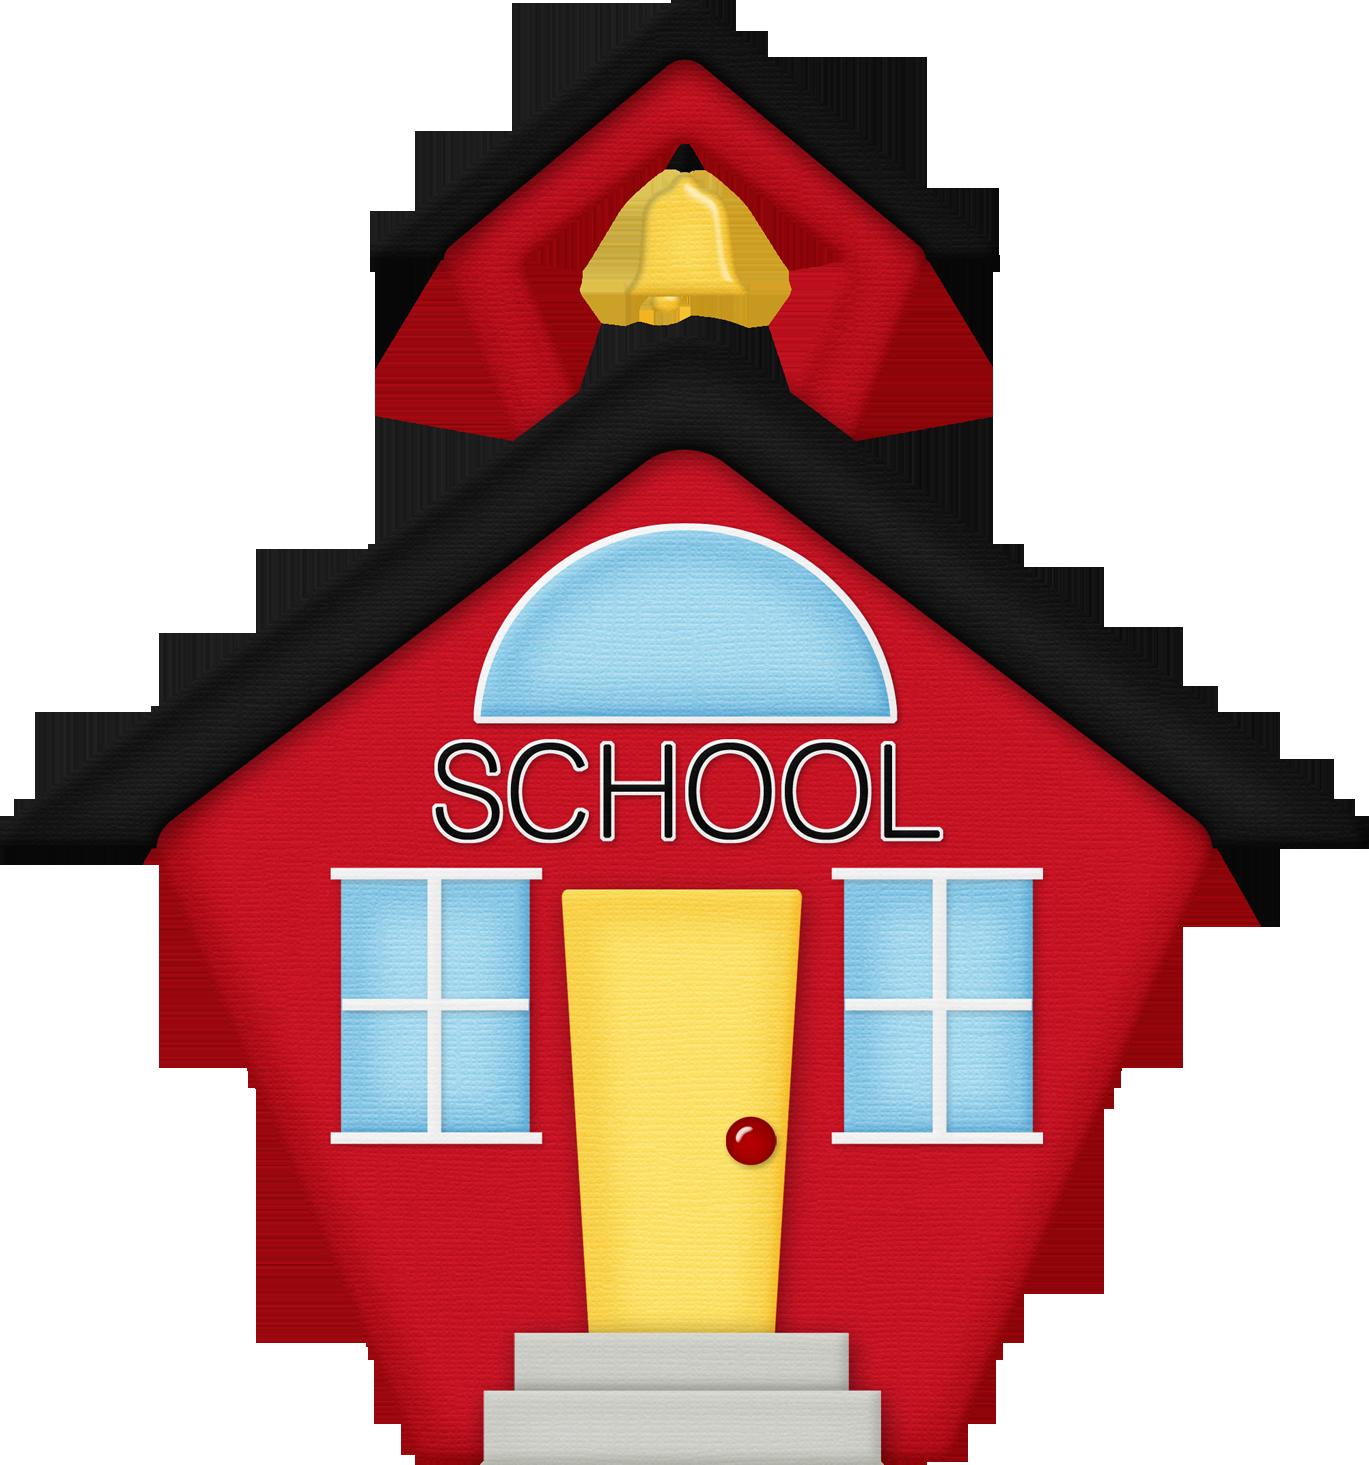 School House Graphics Clipart Best-School House Graphics Clipart Best-10